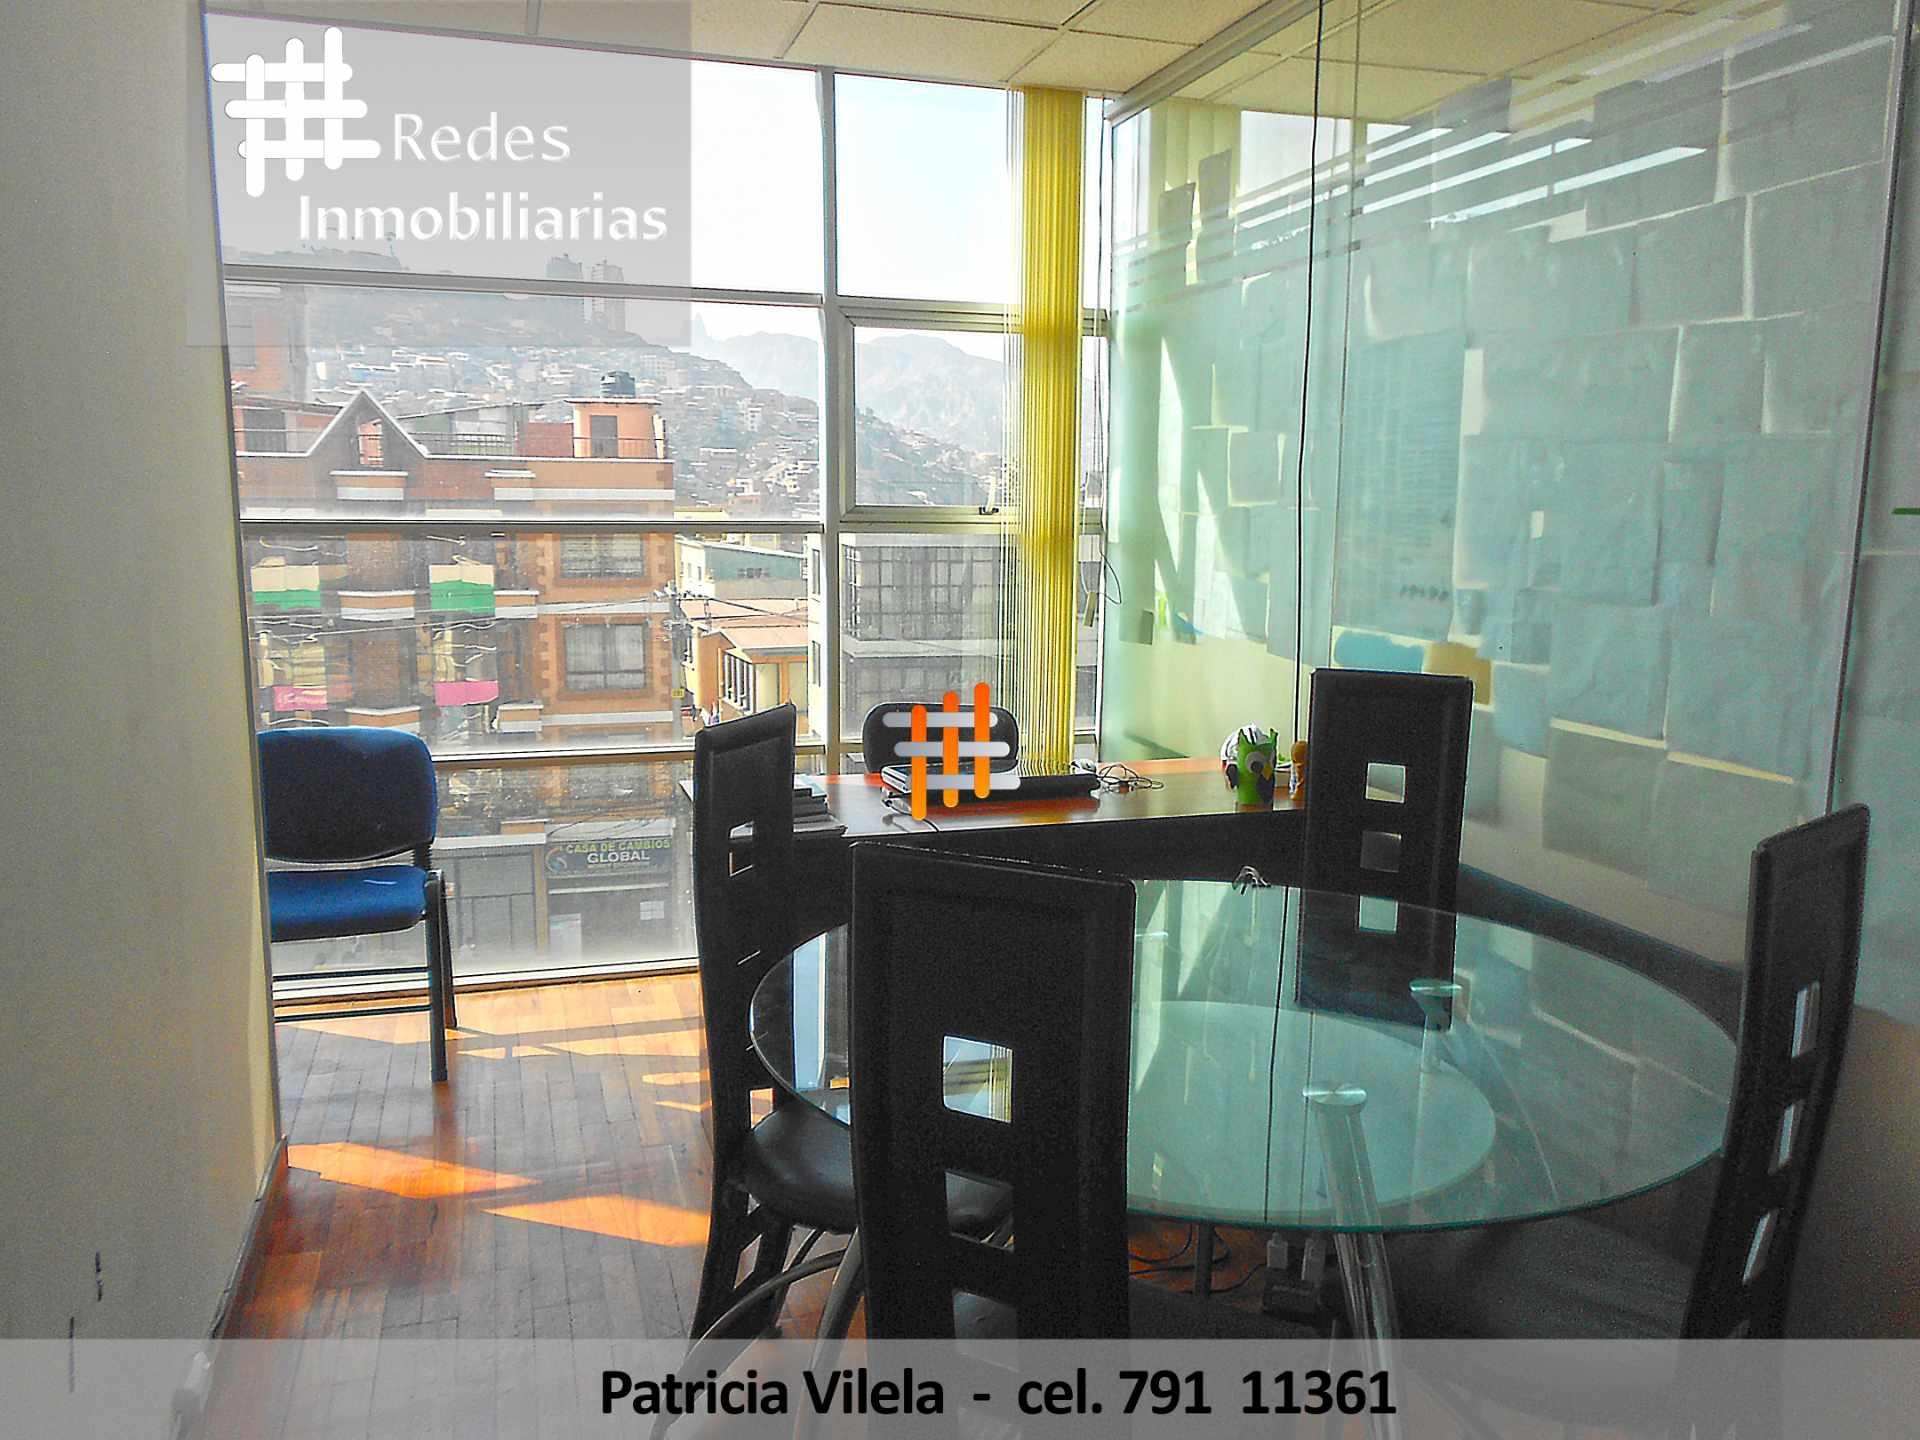 Oficina en Venta OFICINA EN VENTA OBRAJES EDIFICIO MARIO MERCADO Foto 1